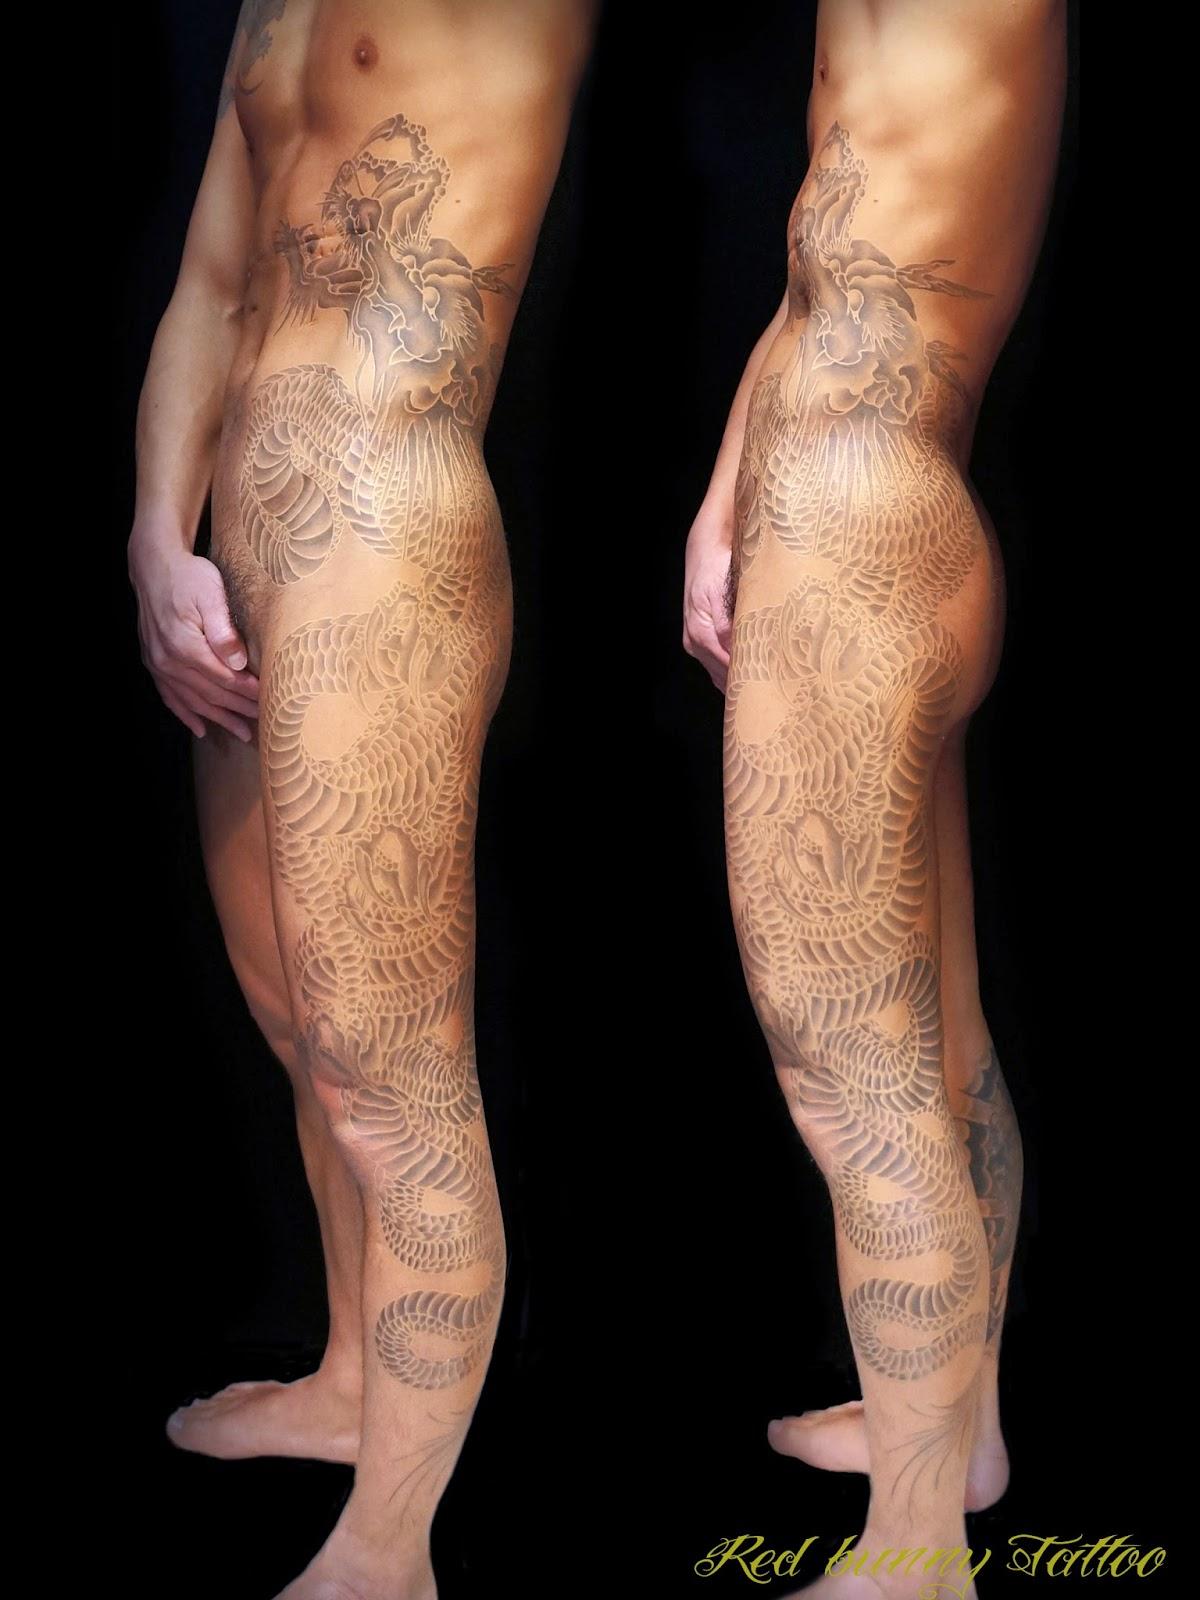 タトゥー tattoo  入れ墨 刺青  あかつき 龍 dragon